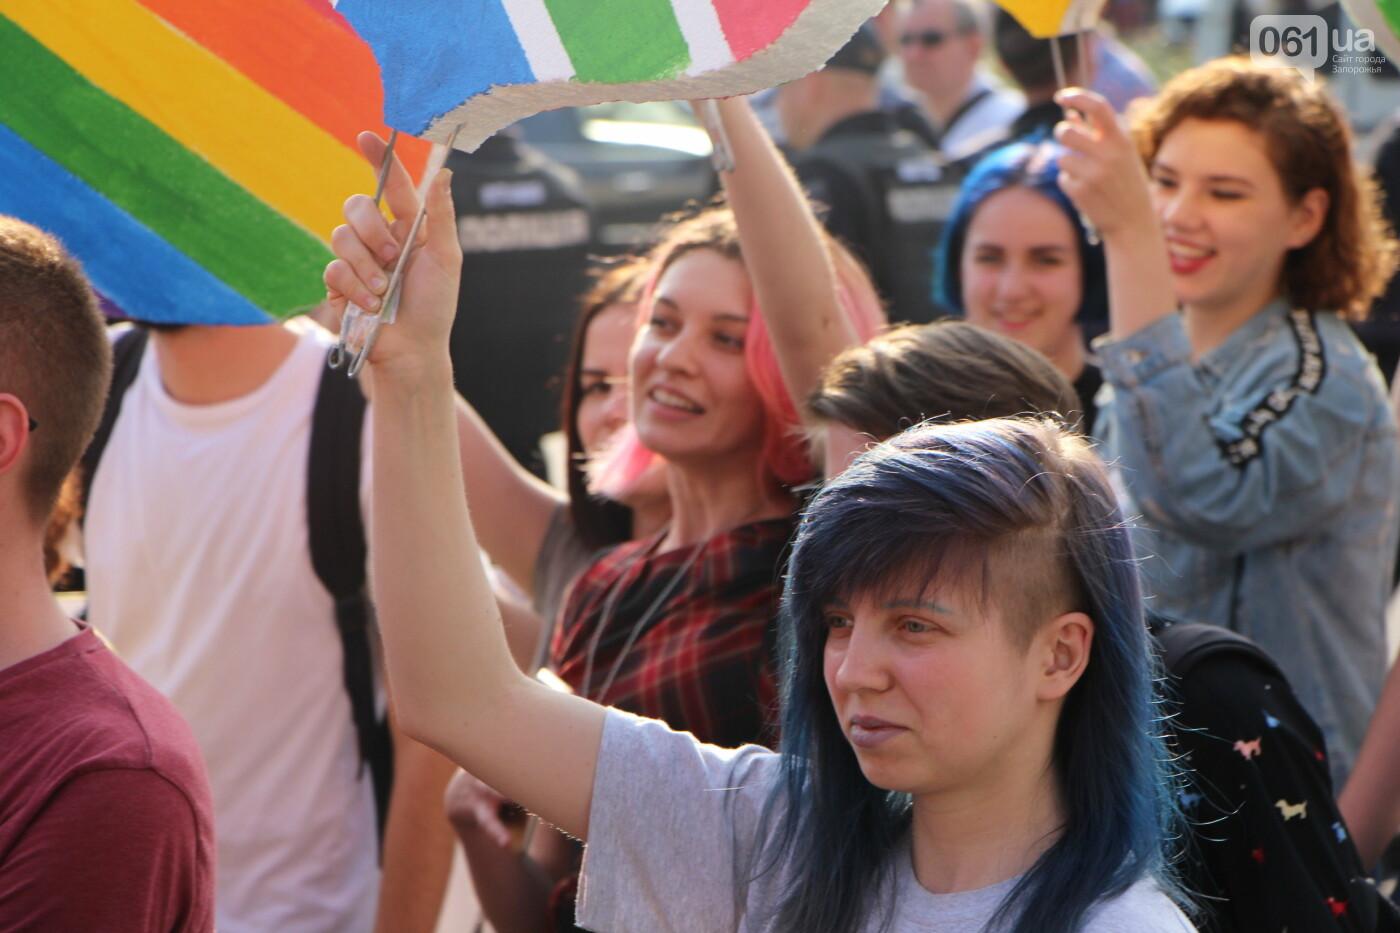 """""""Радужный флешмоб"""" переехал из-за угрозы насилия: как прошла ЛГБТ-акция в Запорожье, - ФОТОРЕПОРТАЖ, фото-20"""